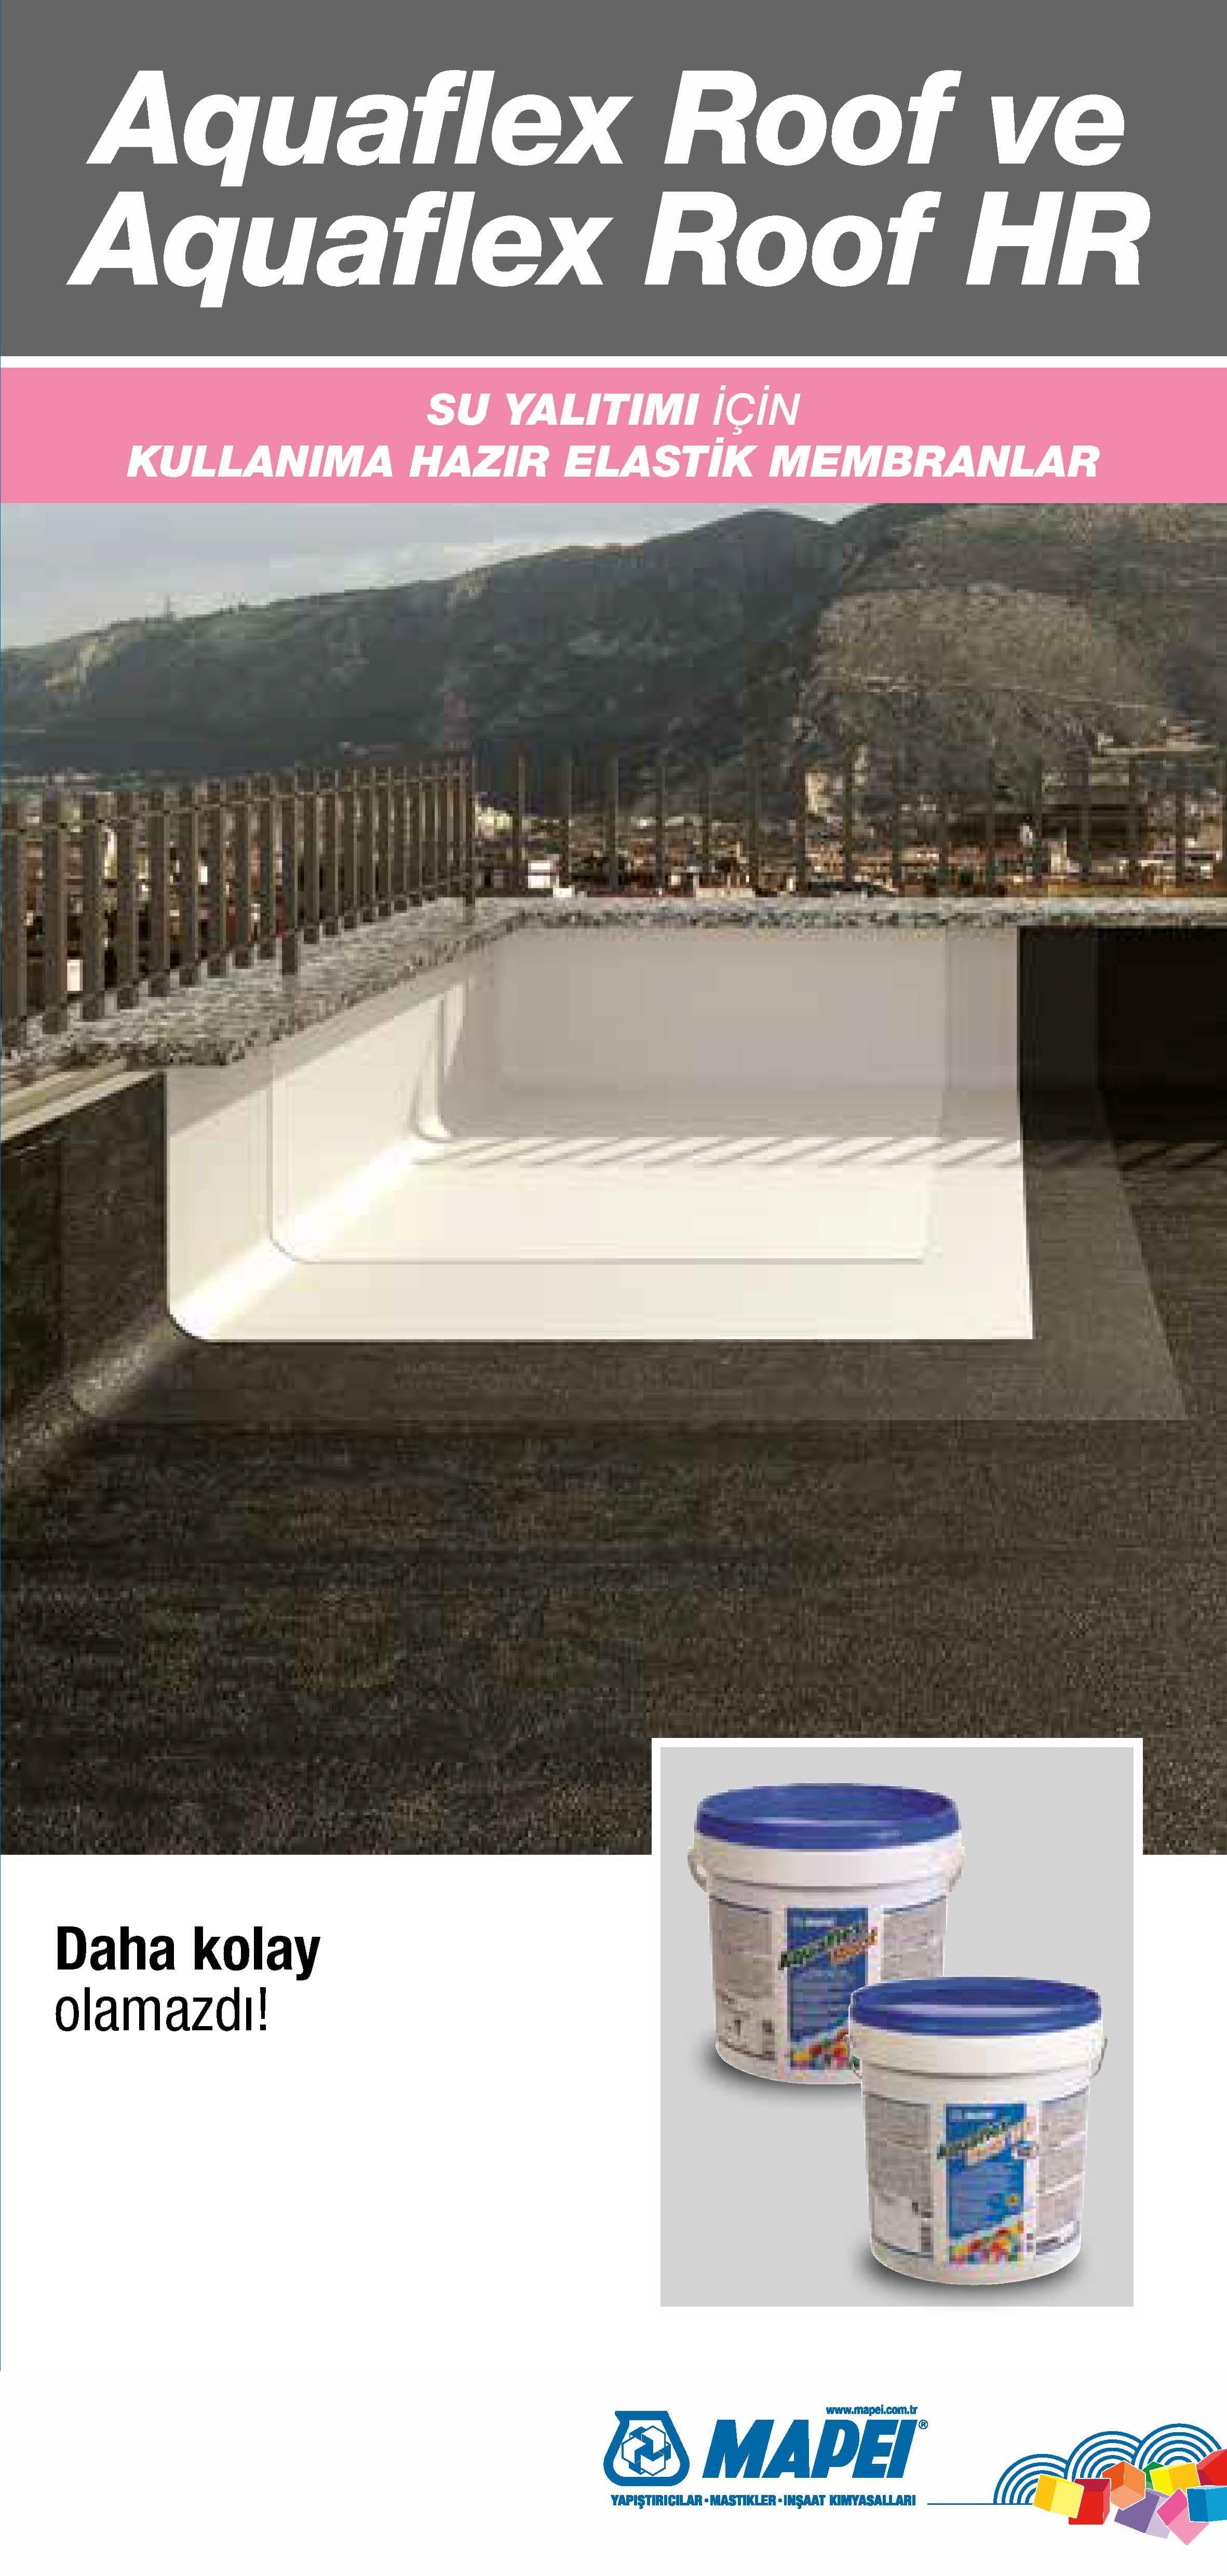 Aquaflex Roof & Aquaflex Roof HR